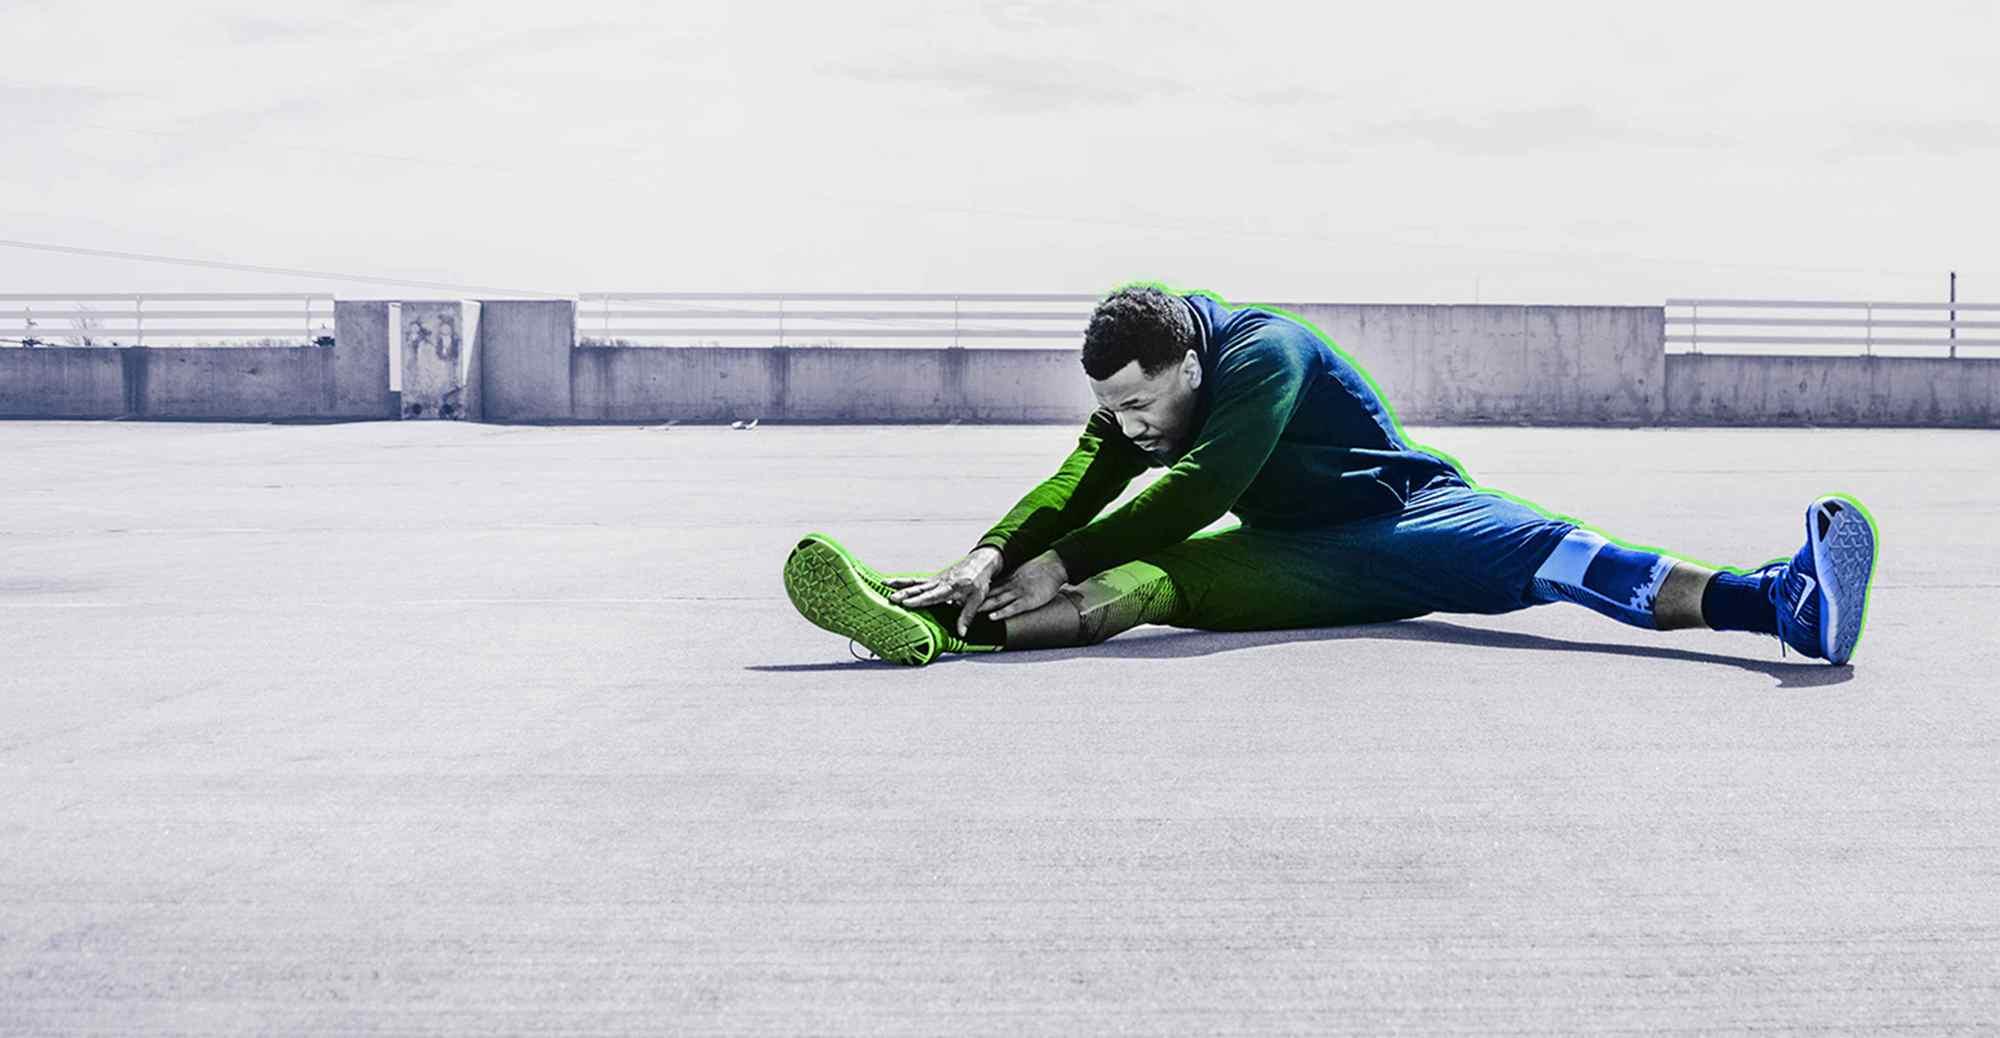 Lutter contre les douleurs, gênes et douleurs liées à la course à pied avec DR SPORT